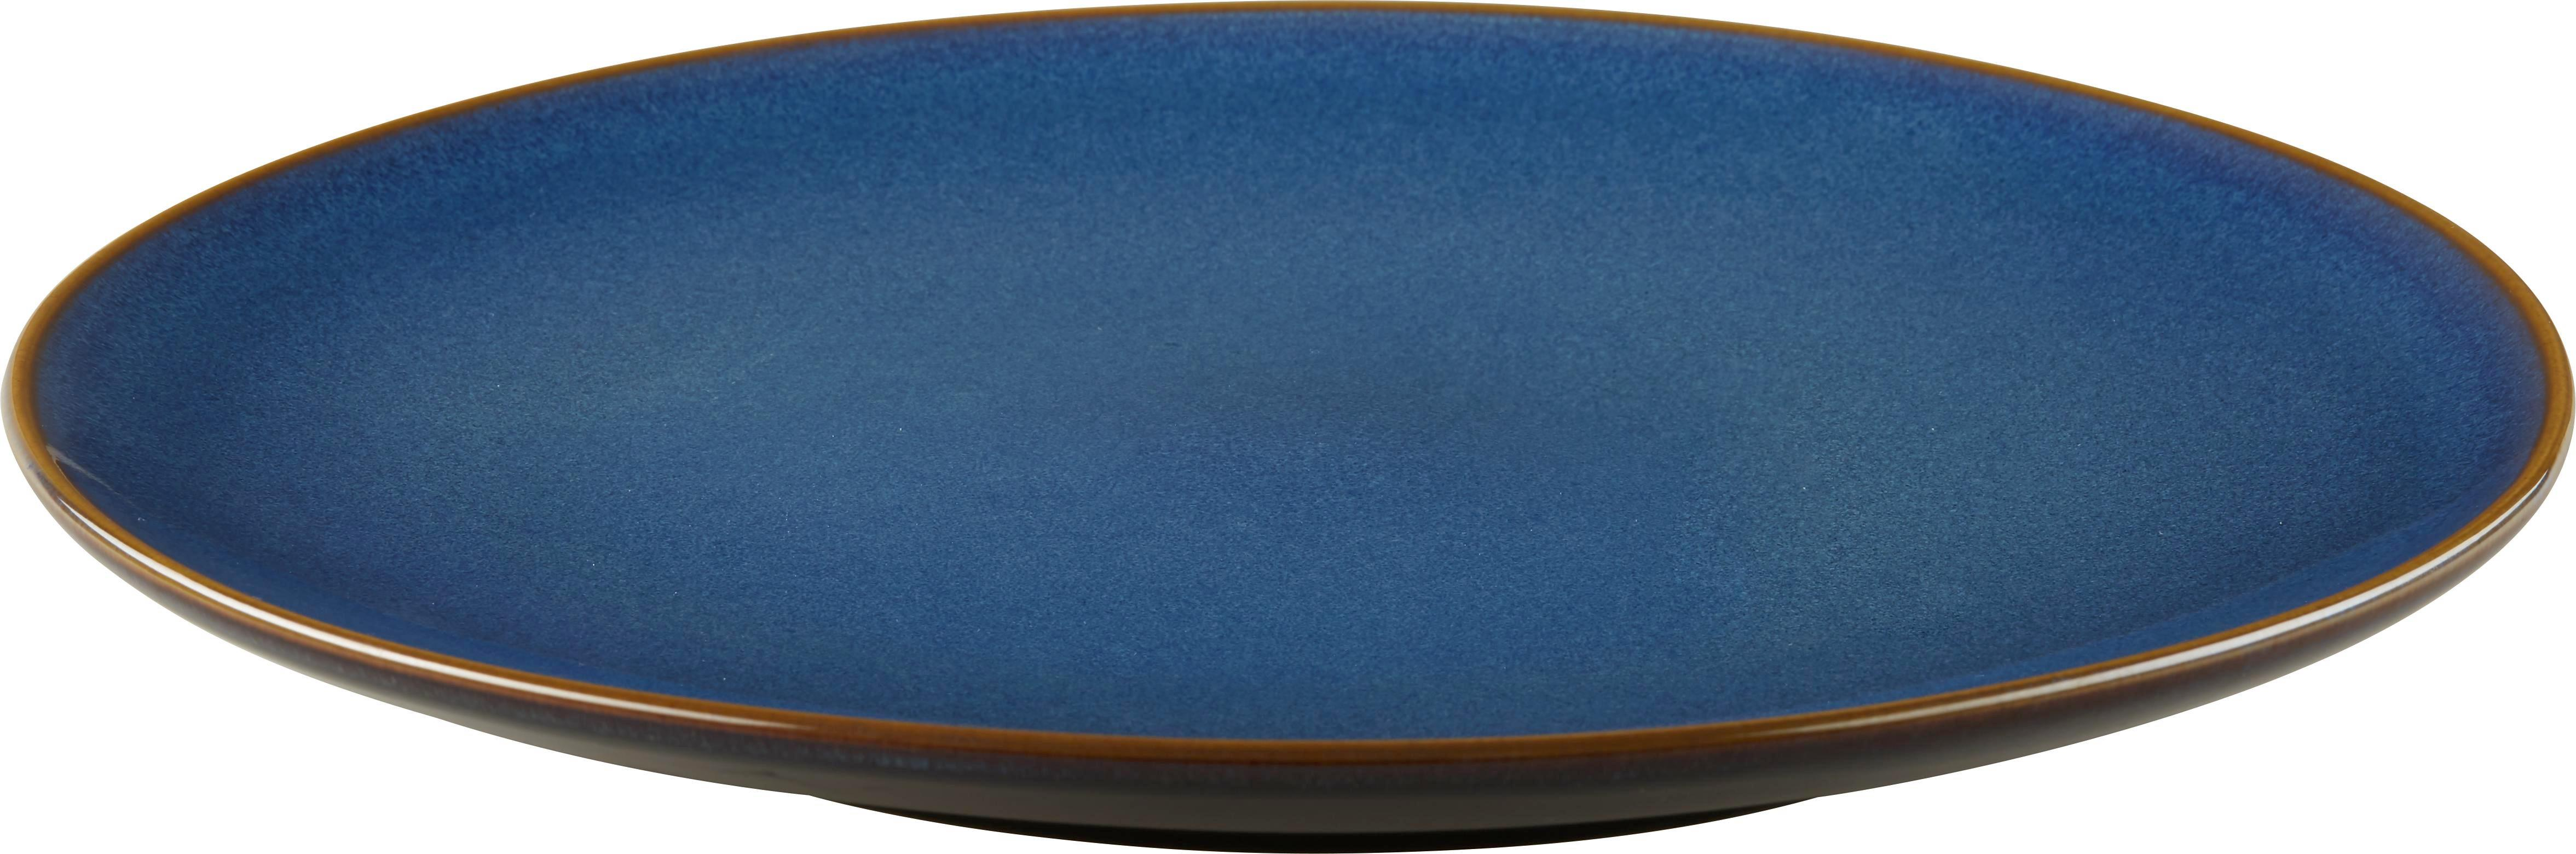 Lapostányér Uri - kék, Lifestyle, kerámia (26cm) - MÖMAX modern living